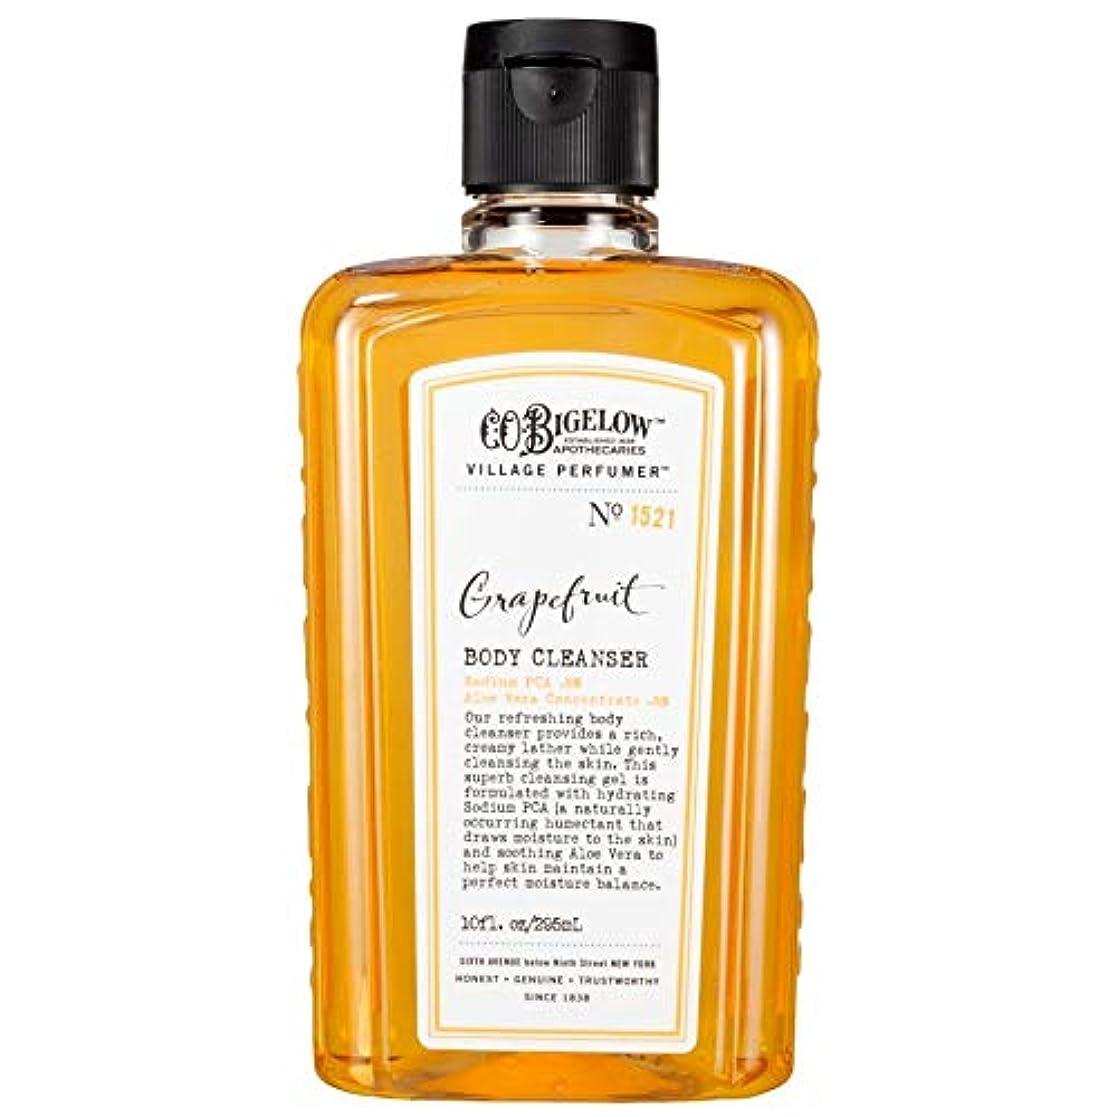 理容師感情鈍い[C.O. Bigelow] C.O.ビゲローグレープフルーツボディクレンザー - C.O. Bigelow Grapefruit Body Cleanser [並行輸入品]